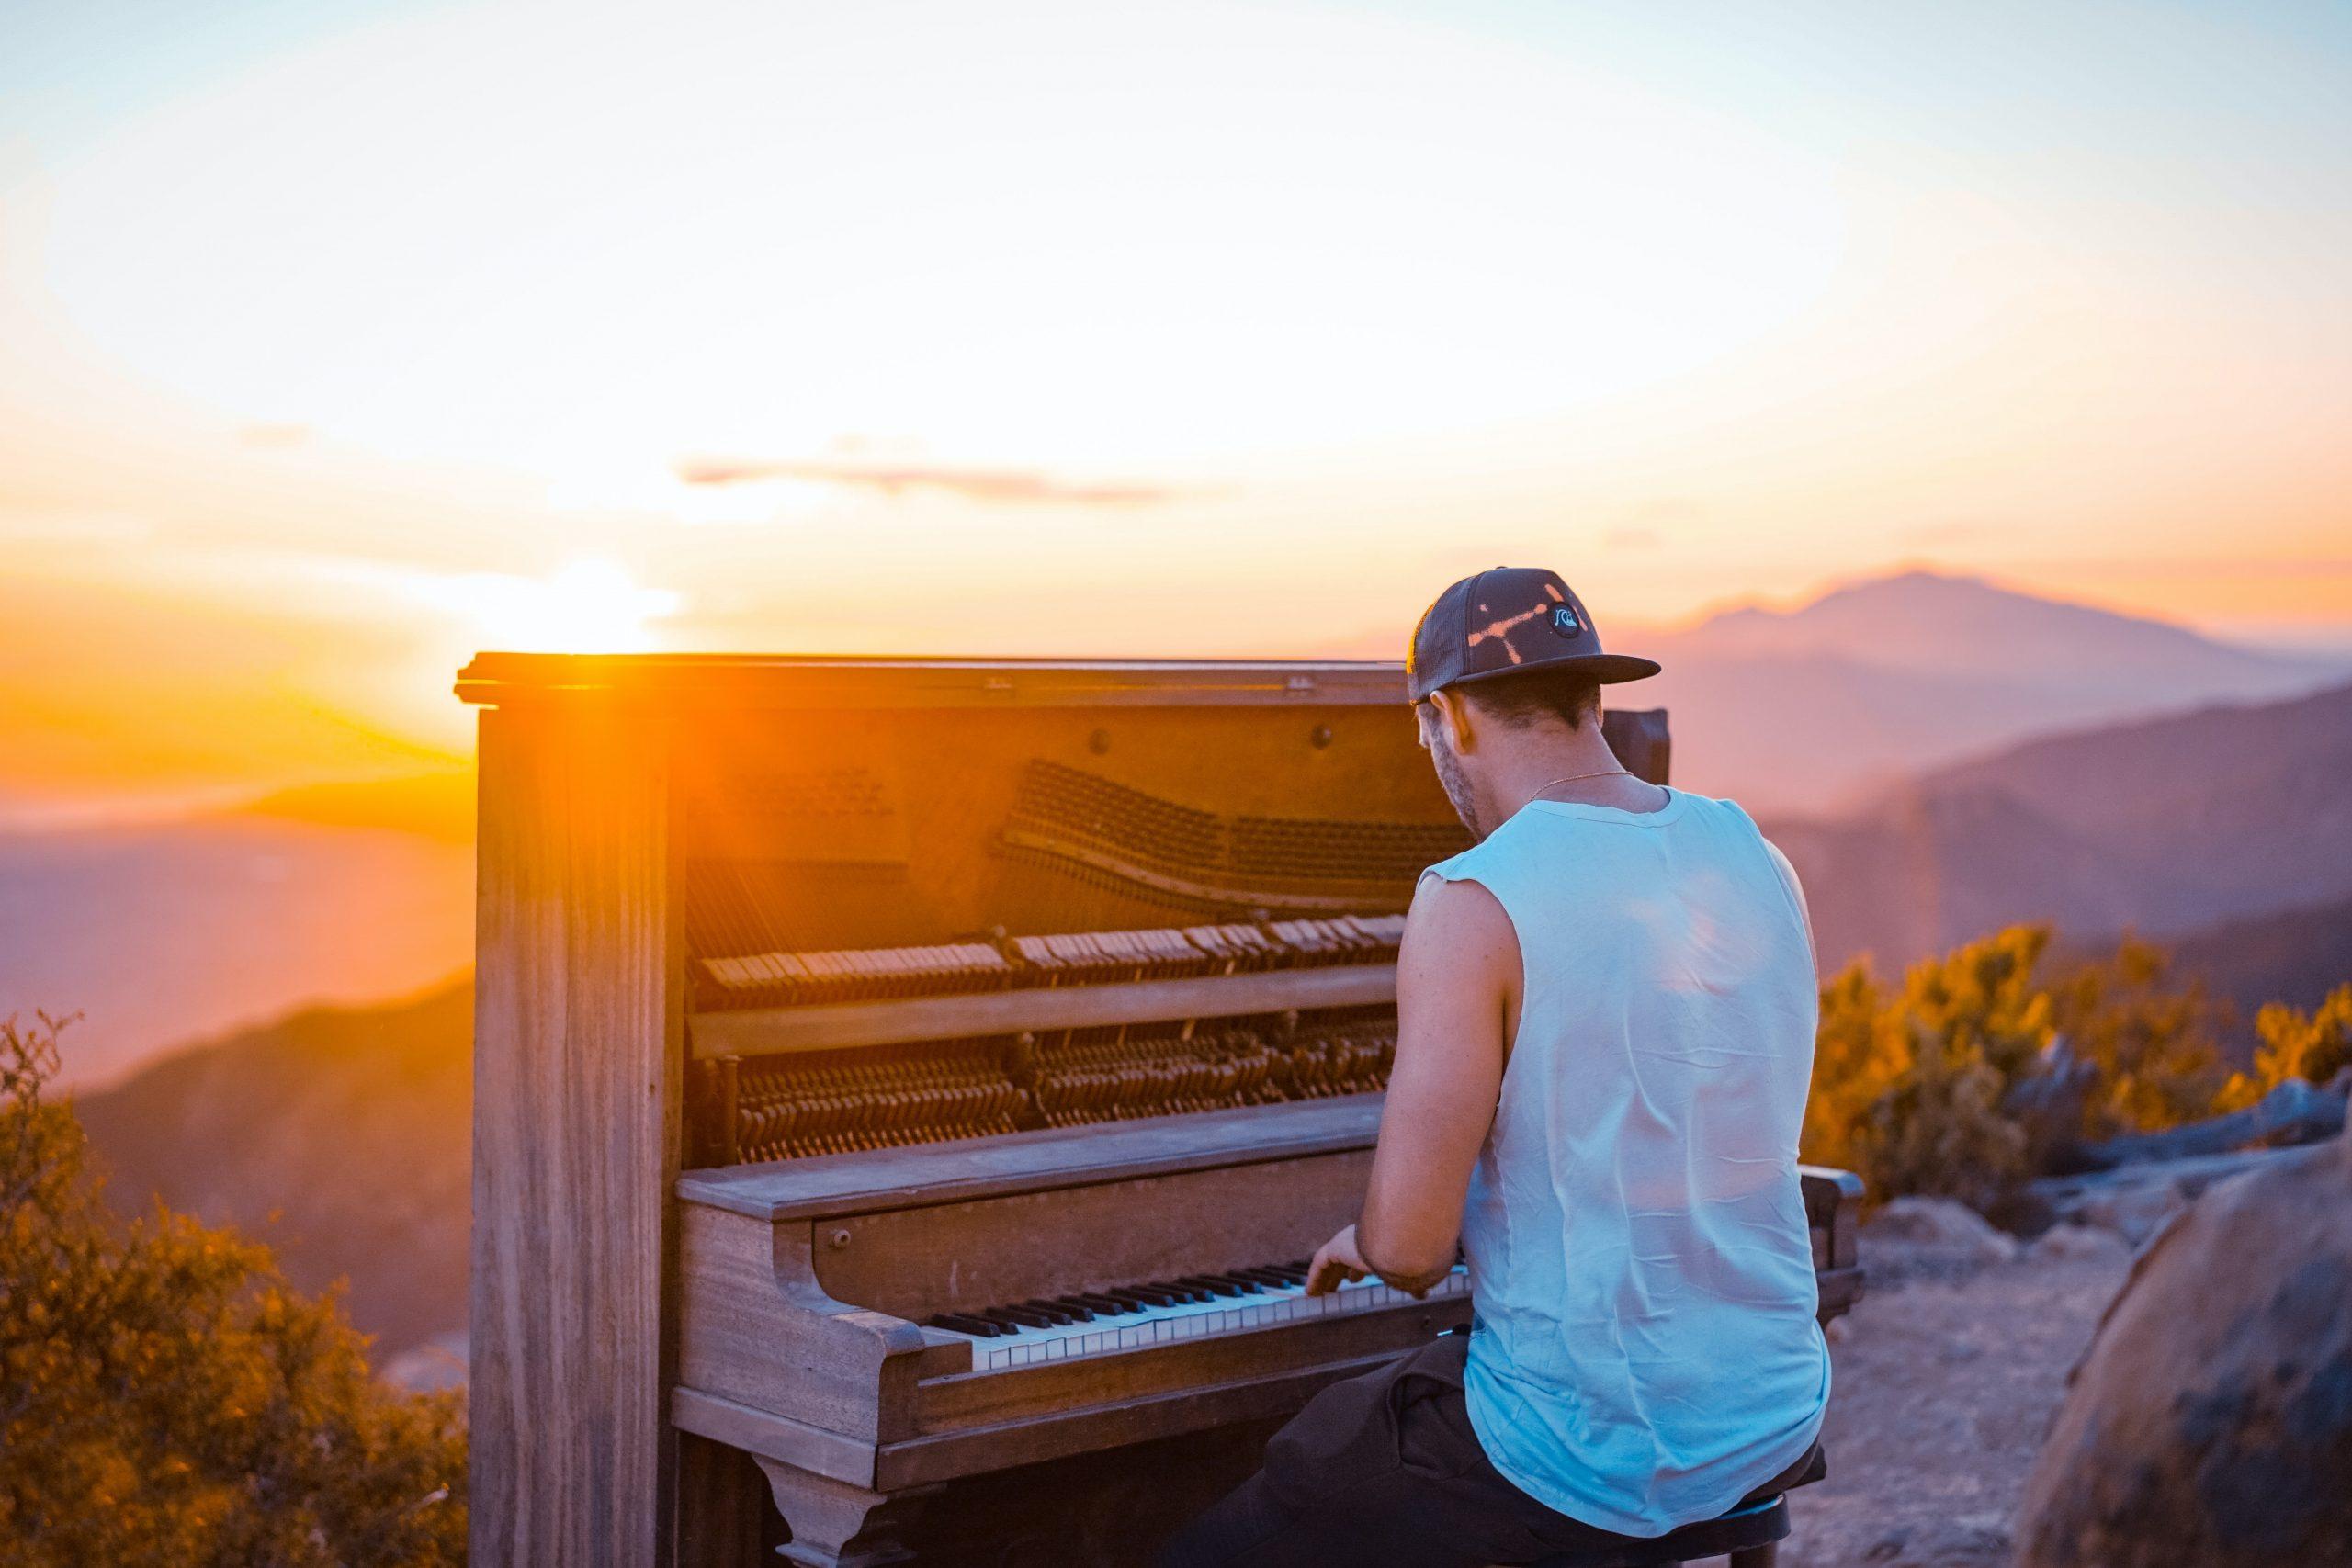 25 cântăreți născuți în luna mai și poveștile care i-au făcut celebri